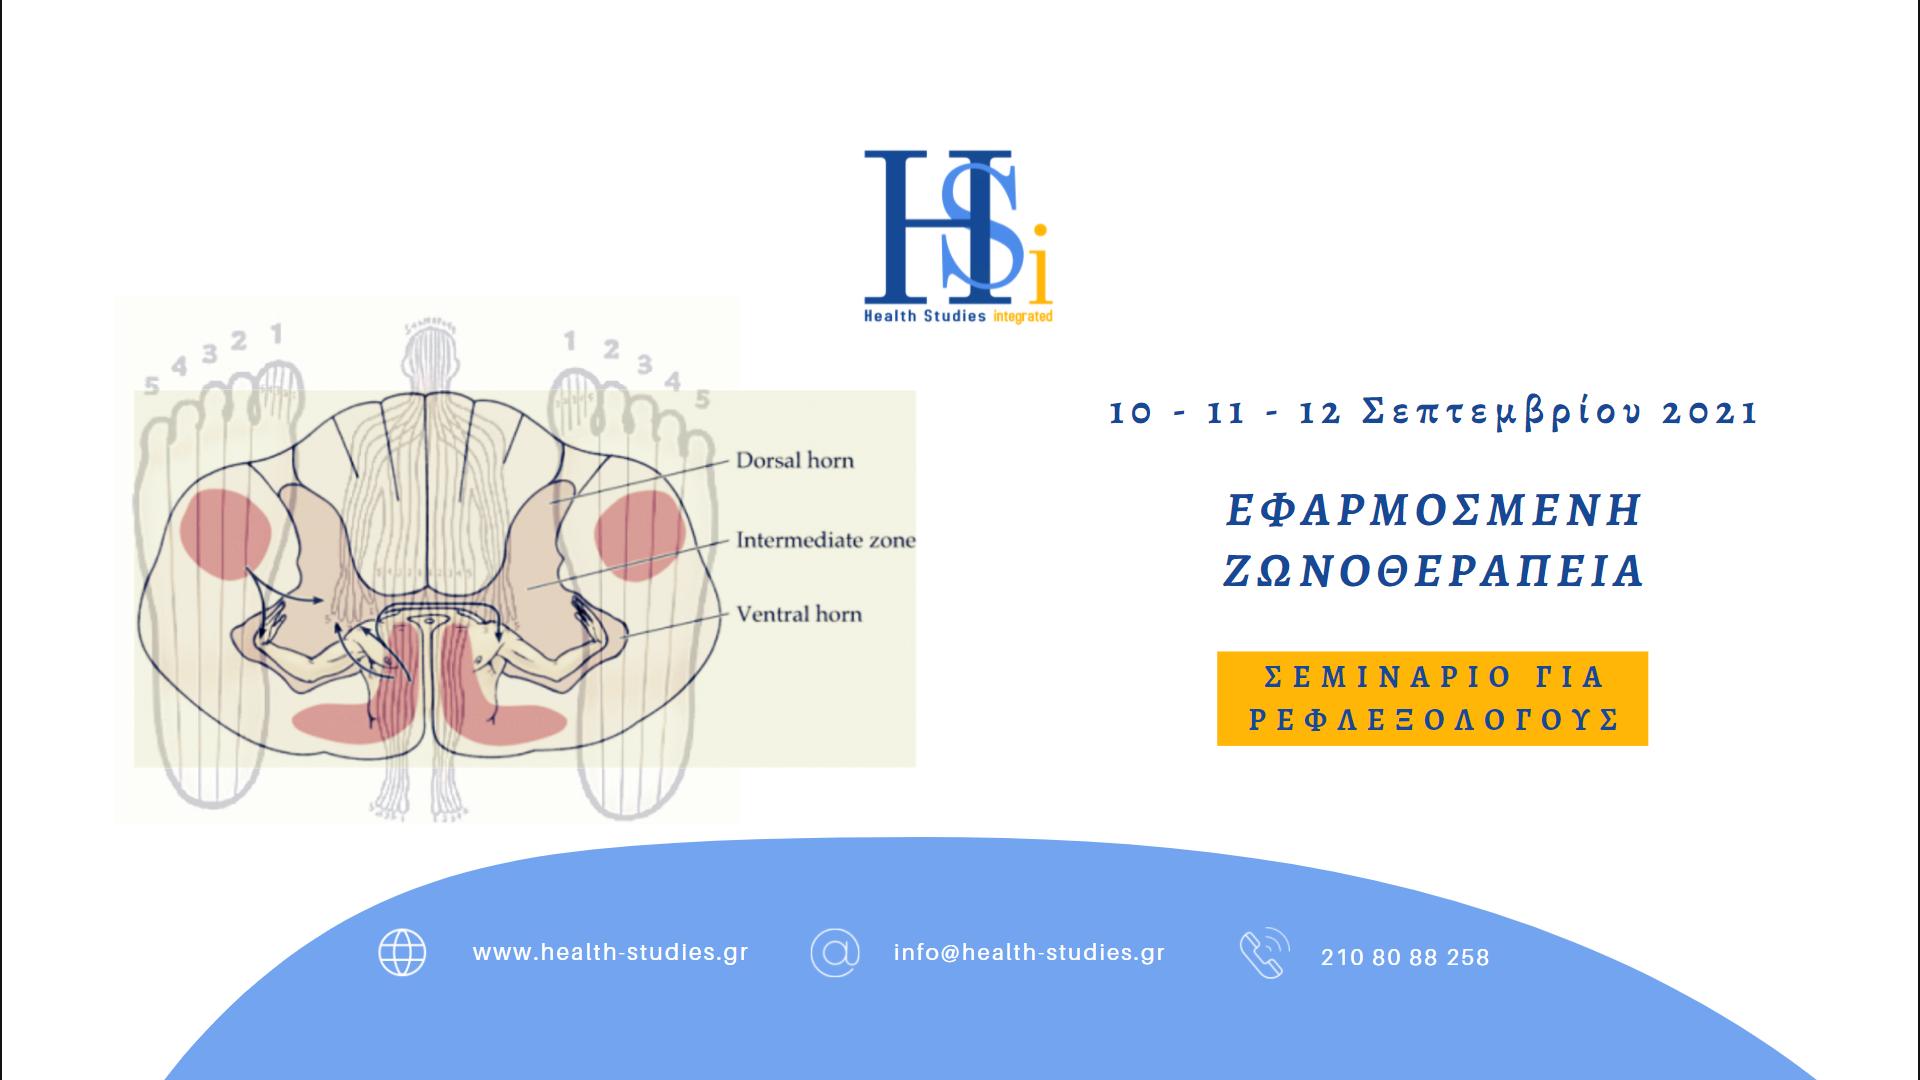 ΣΕΜΙΝΑΡΙΟ: Εφαρμοσμένη Ζωνοθεραπεία 1